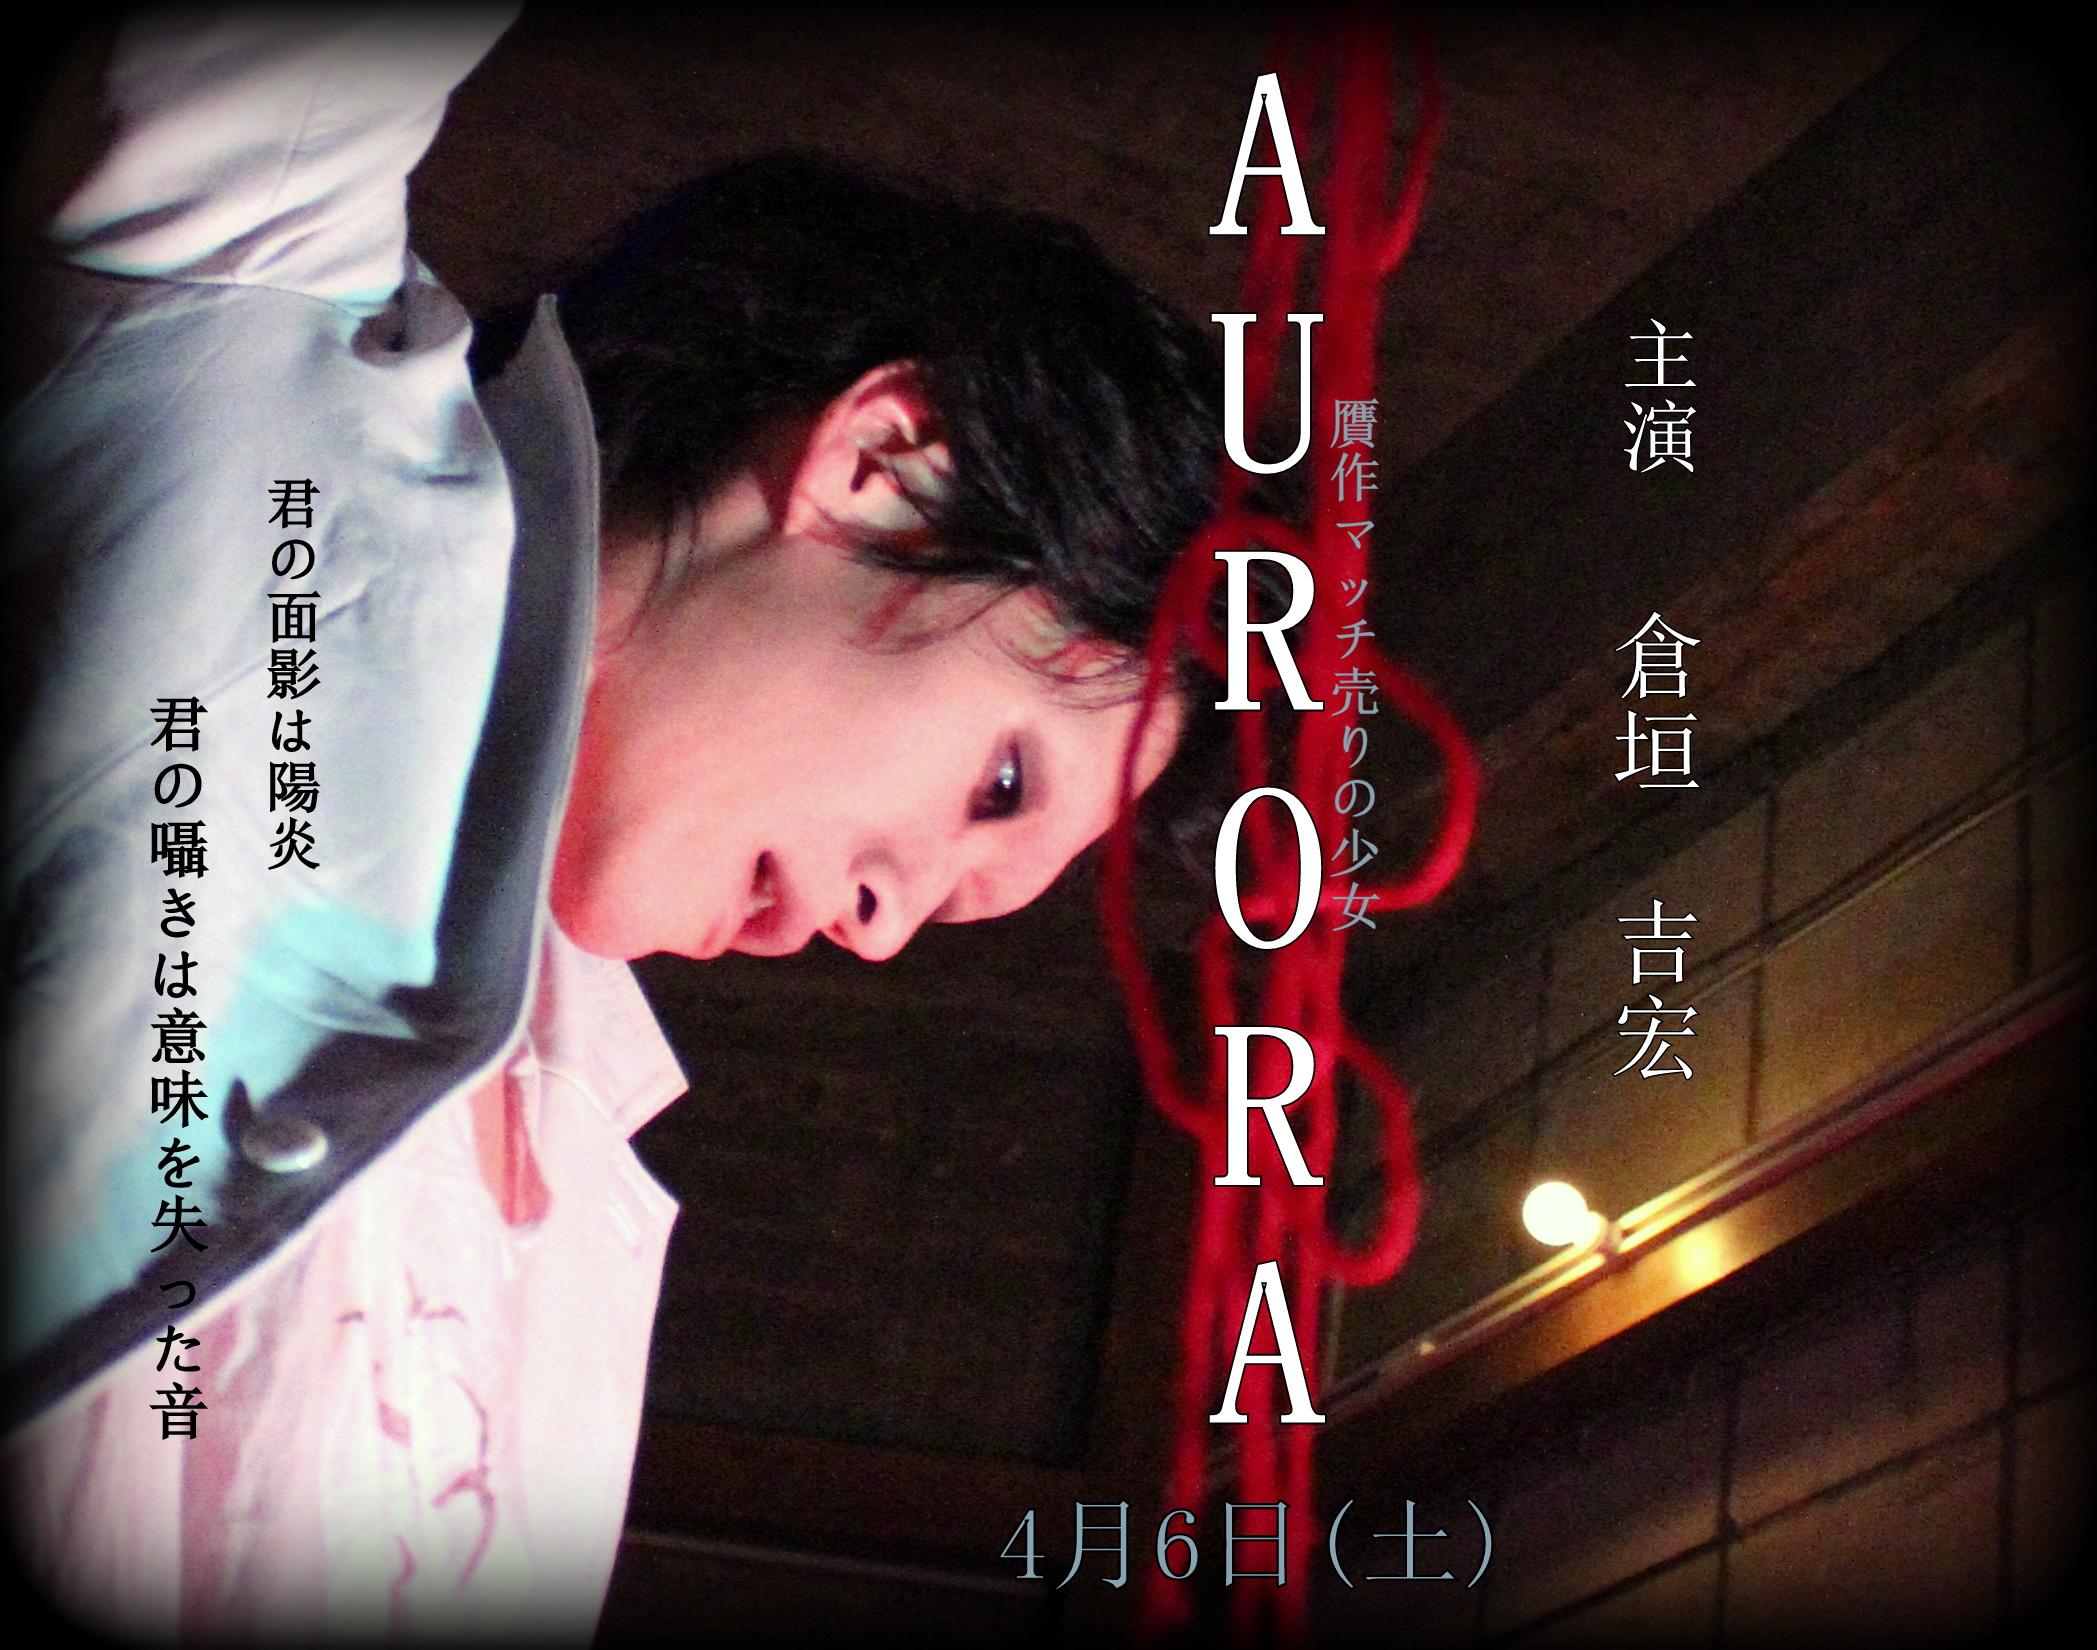 倉垣吉宏主演「AURORA」